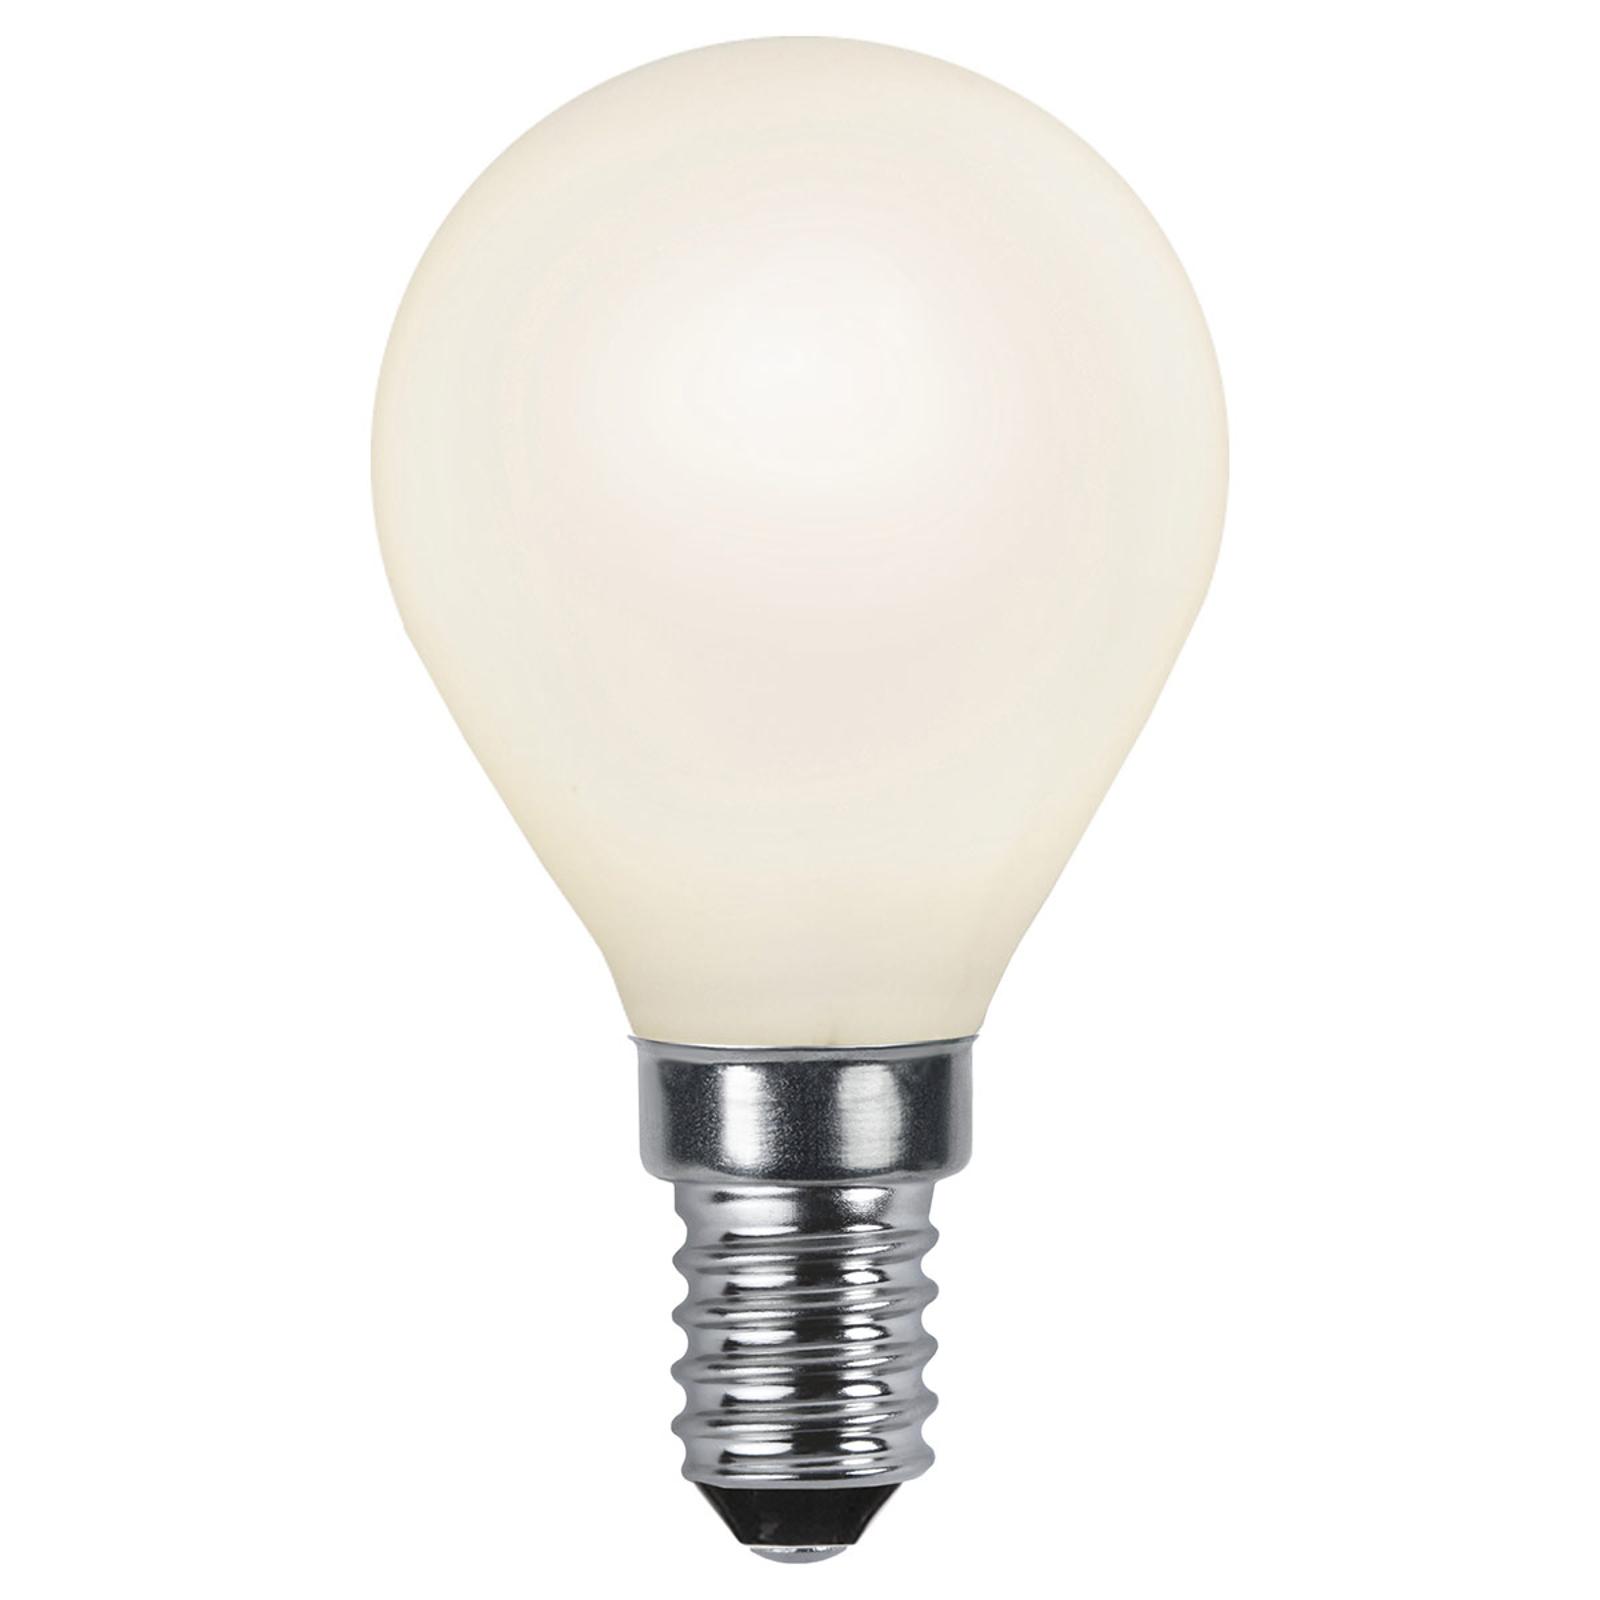 Ampoule goutte LED E14 2700K opale Ra90 3W